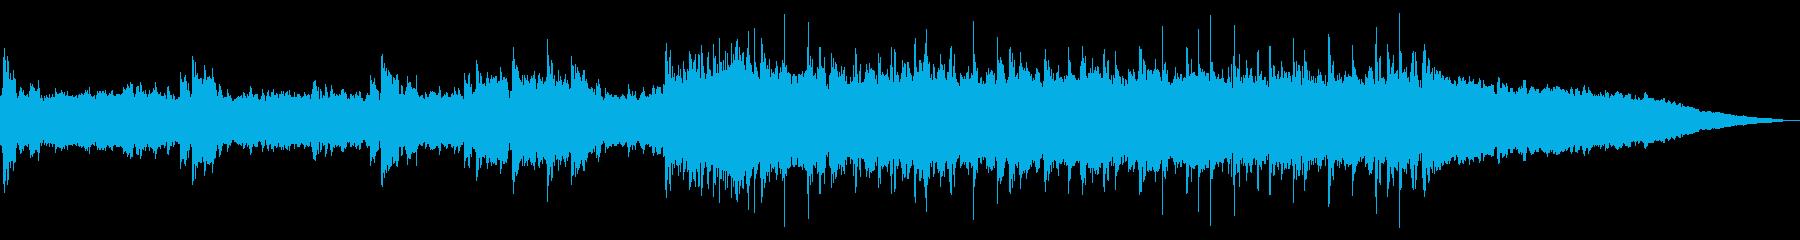 往年のハードロック(短いVer)の再生済みの波形